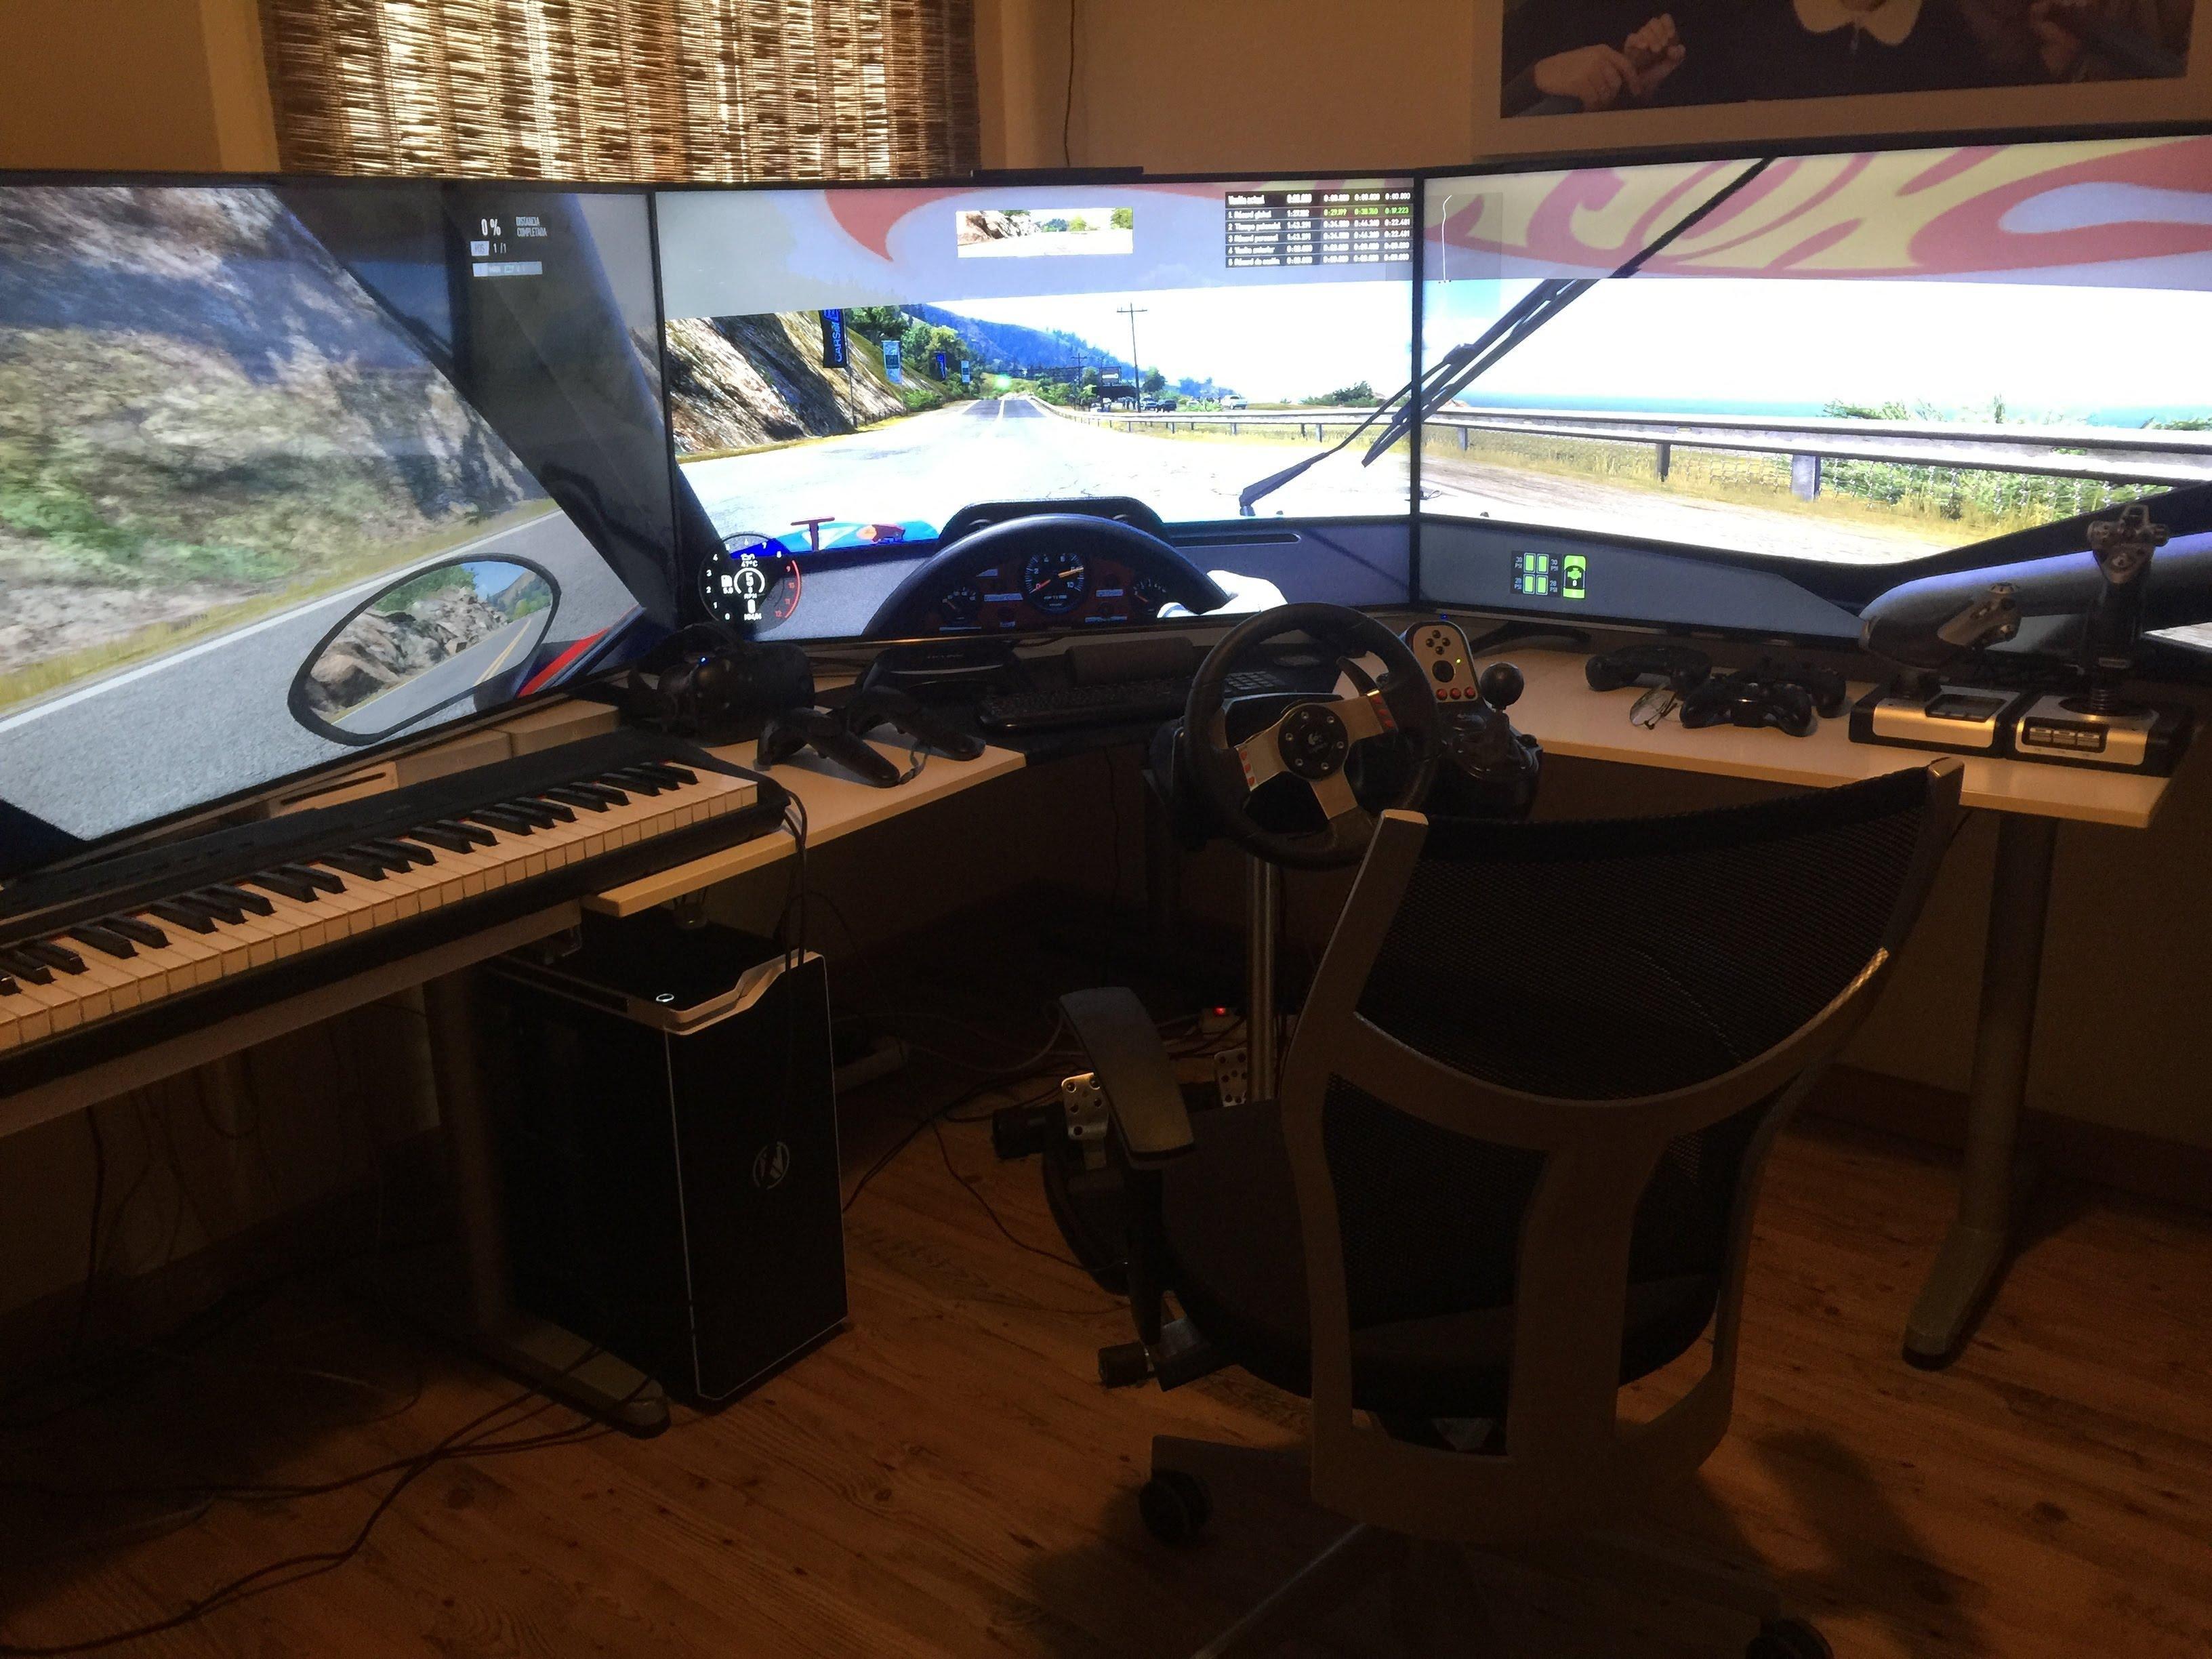 project cars 2 setup holy sunday pc setup pinterest desk setup desks and game rooms. Black Bedroom Furniture Sets. Home Design Ideas